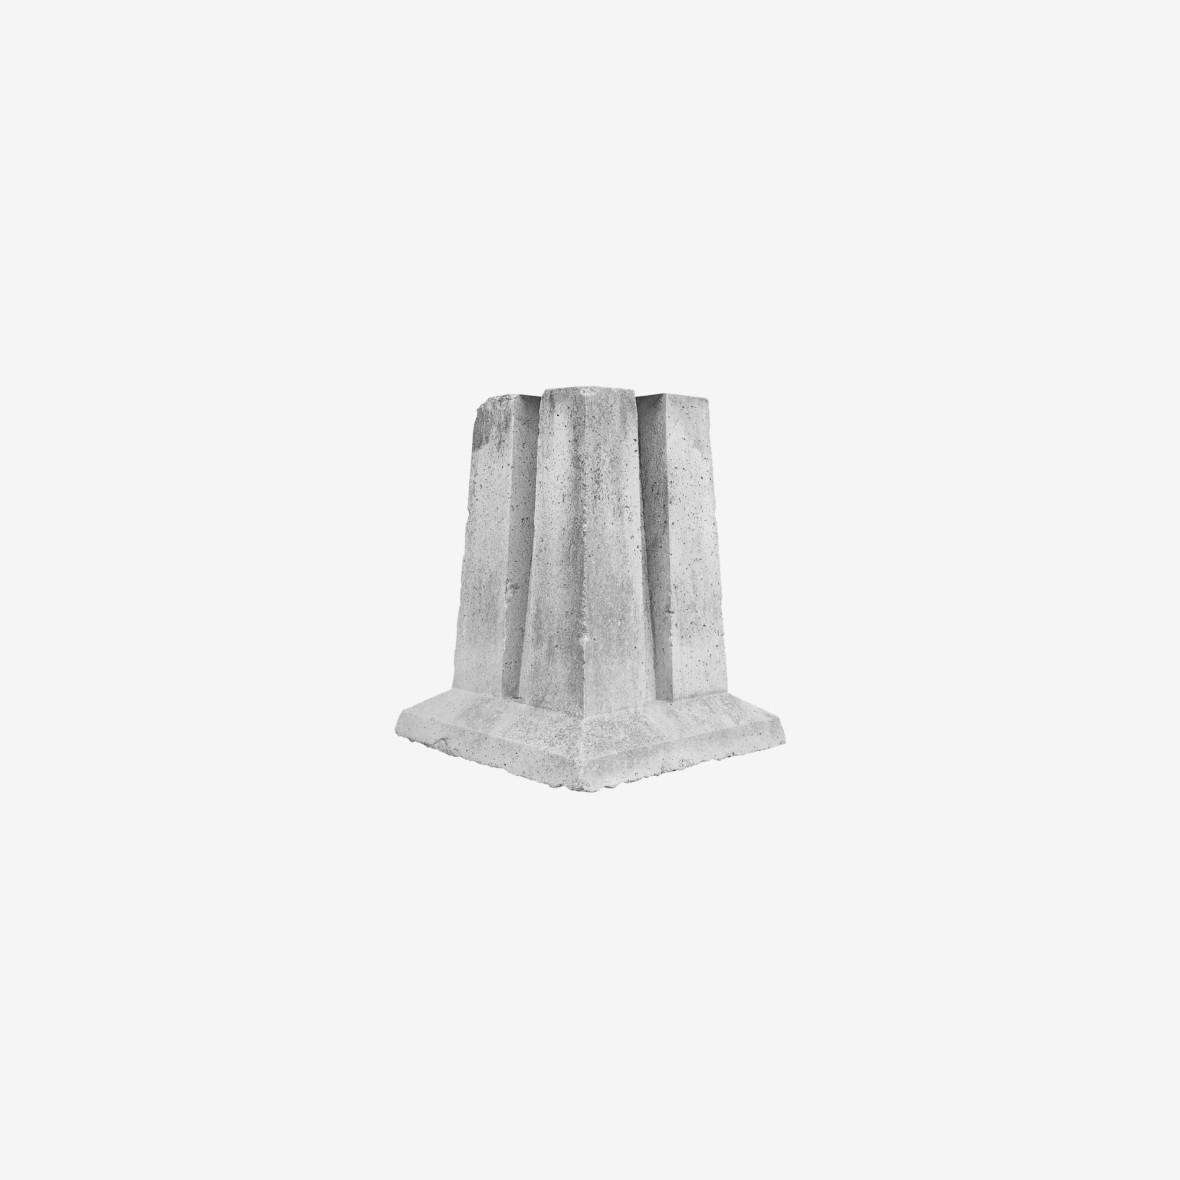 concrete forms (8)